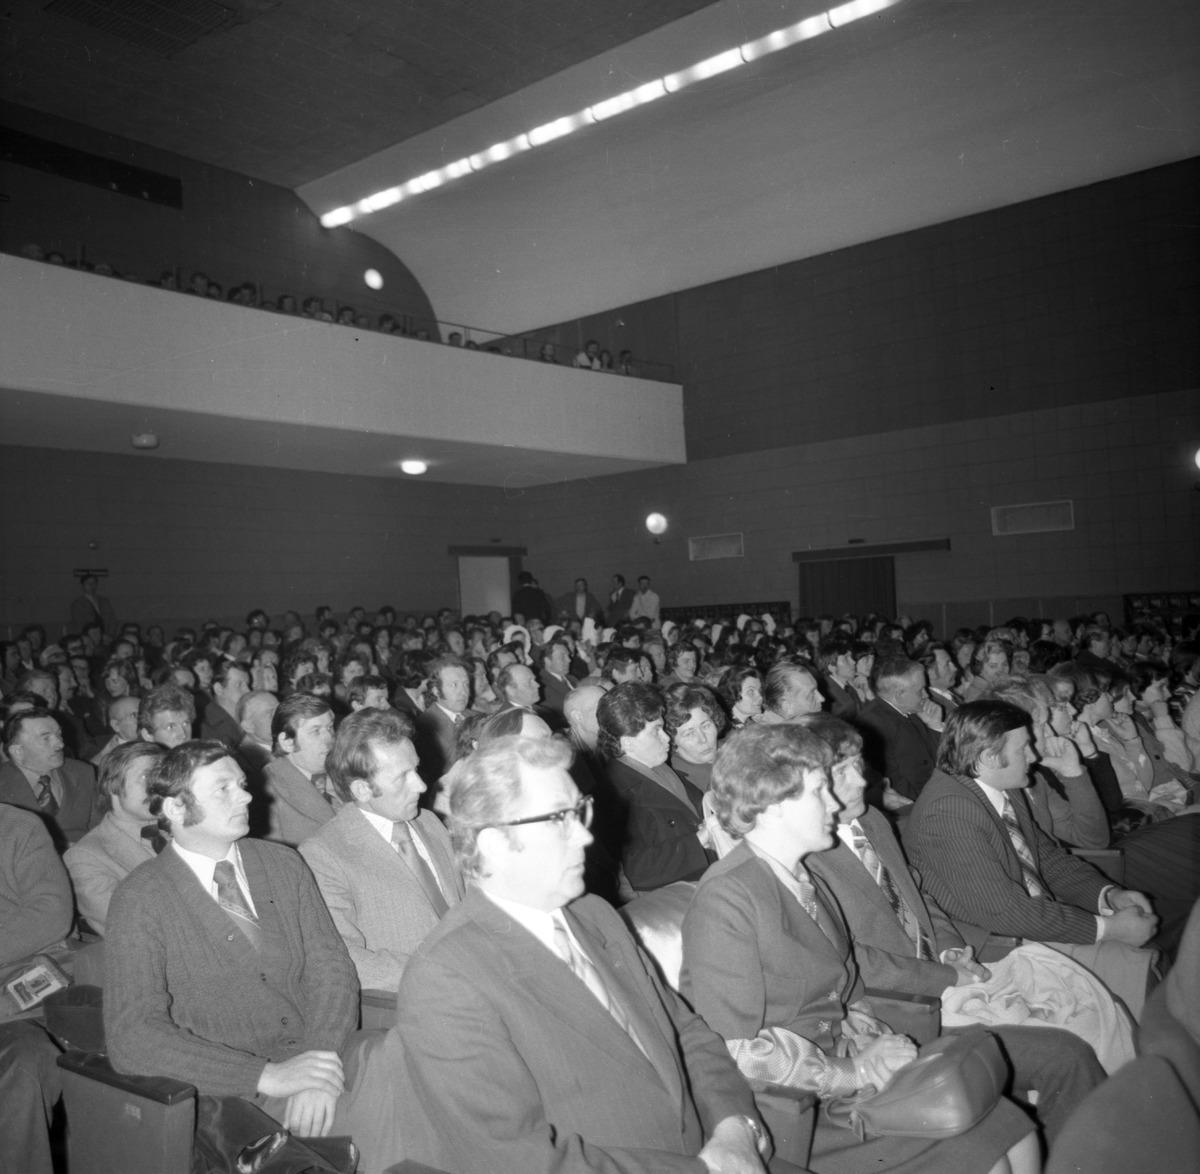 Uczestnicy uroczystości [3]